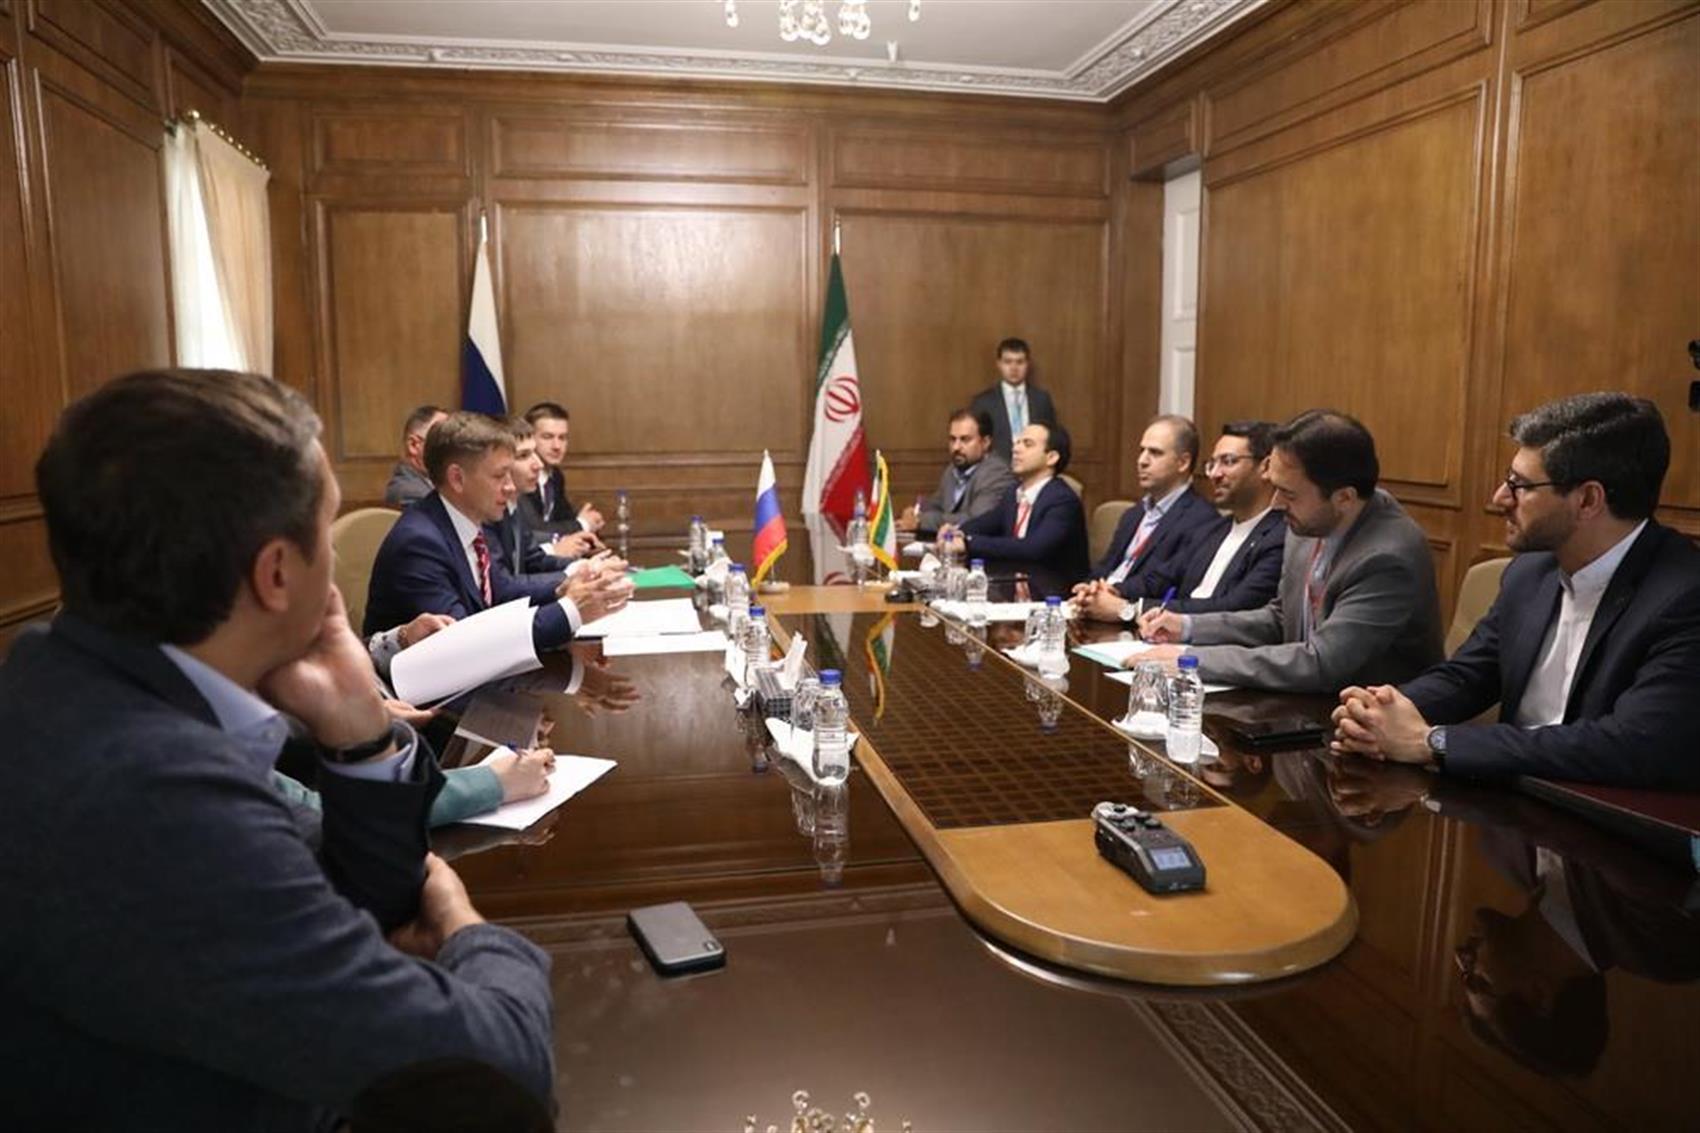 علاقمندی شرکت های روسی برای سرمایه گذاری در ایران / ارایه بسته تجاری مشخص برای همکاری دو طرف در حوزه فناوری اطلاعات